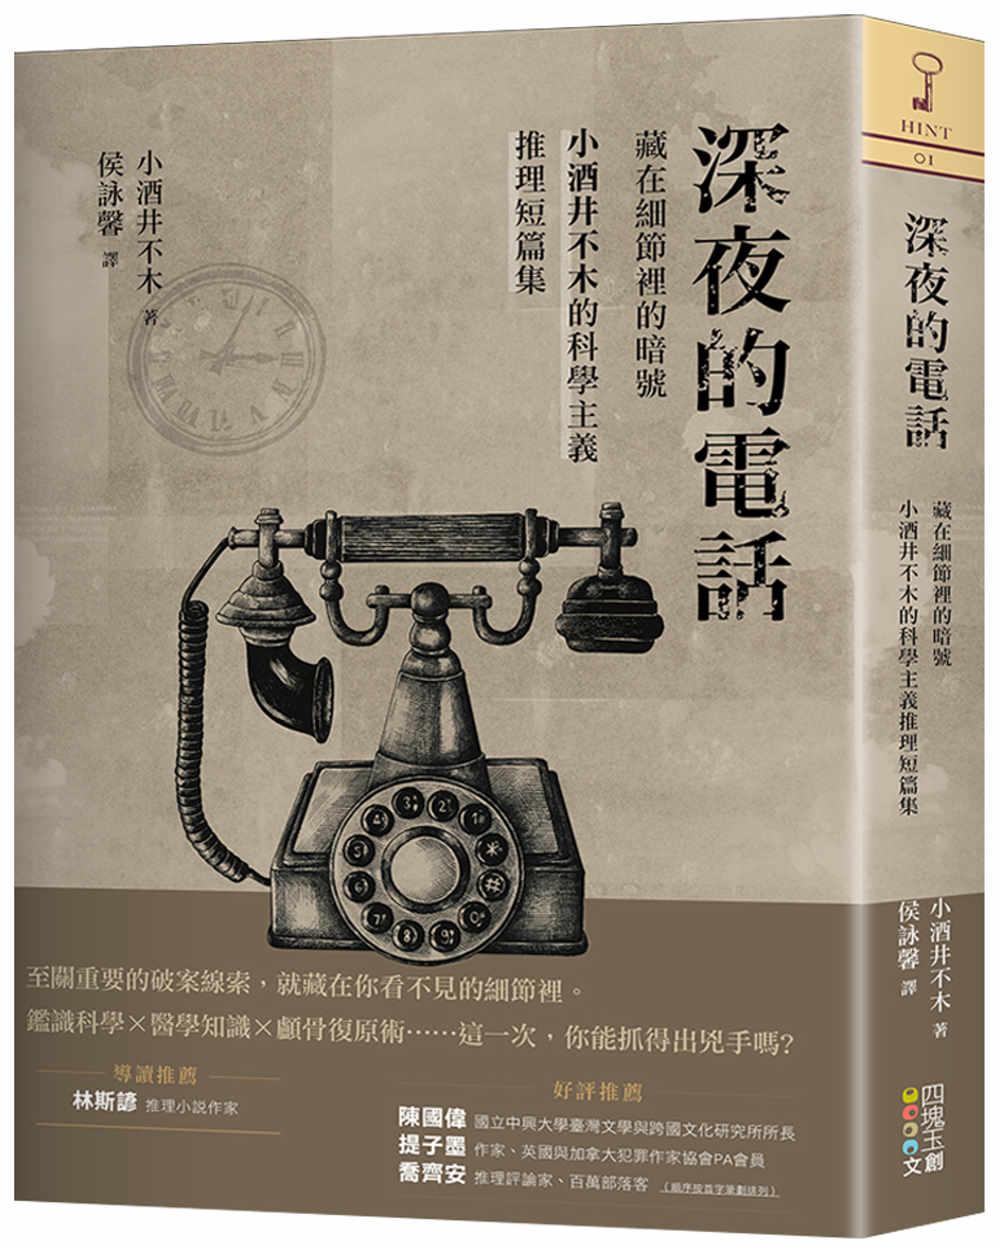 深夜的電話:藏在細節裡的暗號,小酒井不木的科學主義推理短篇集